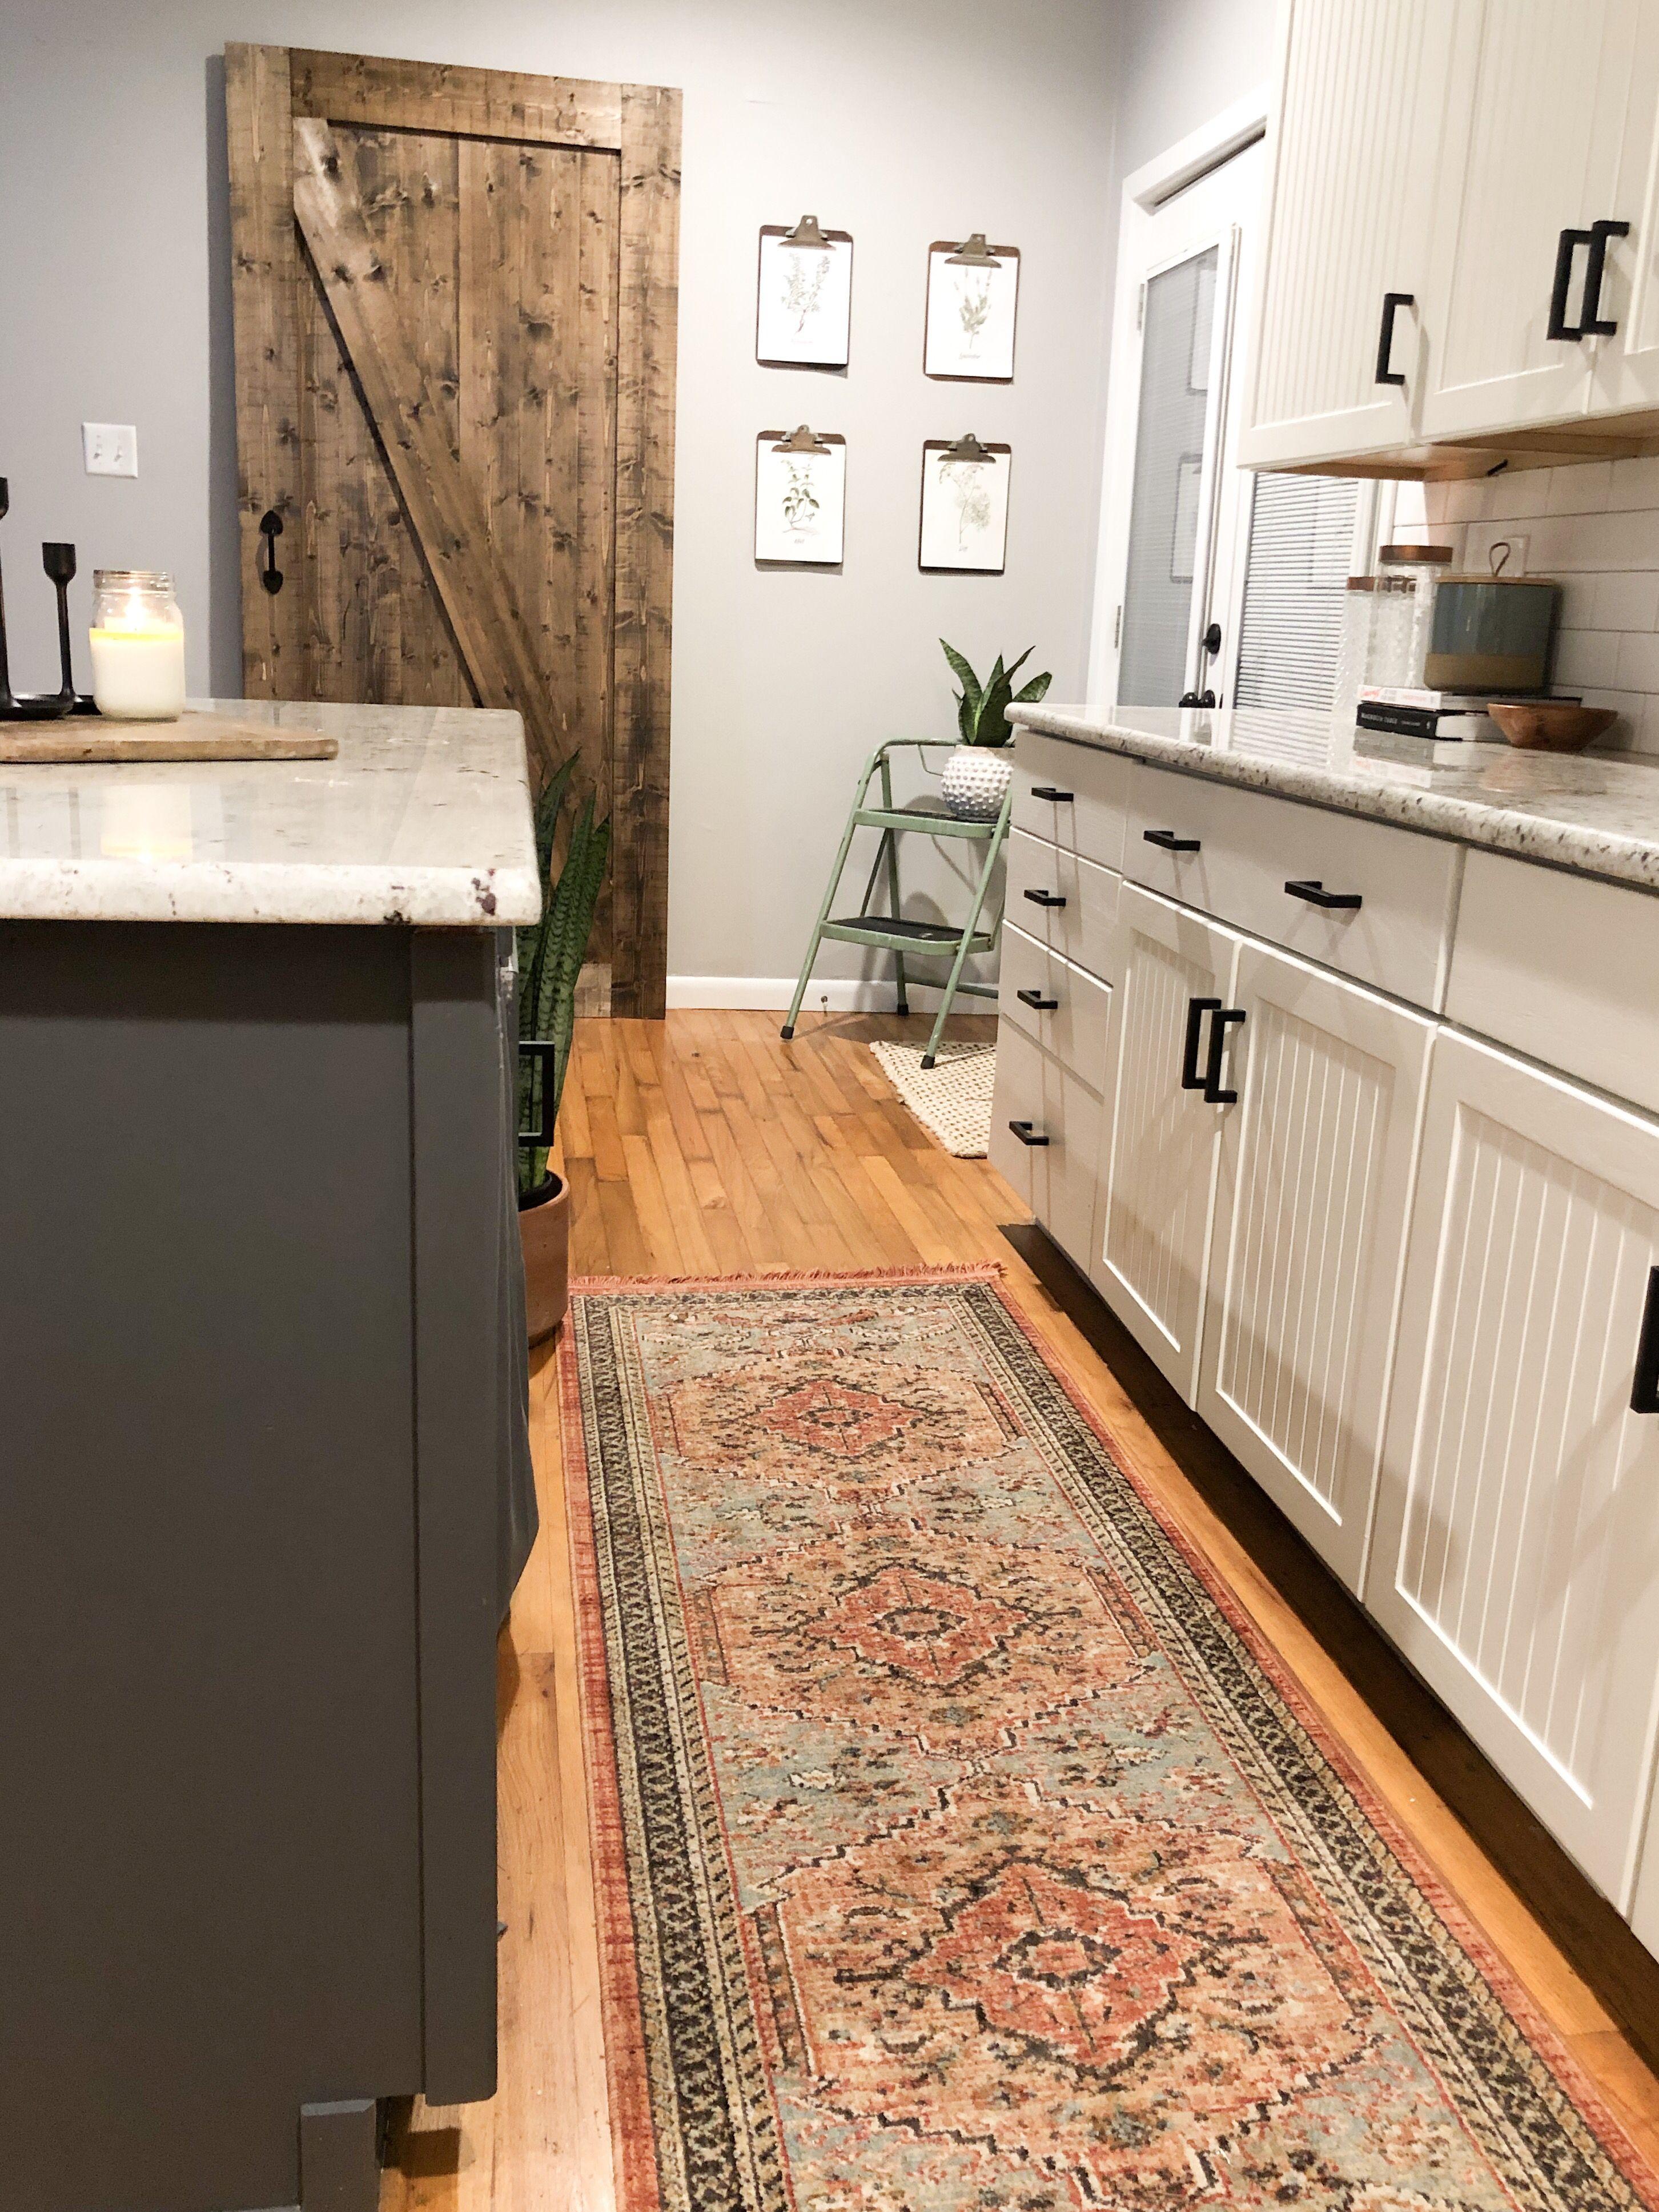 A Little Modern A Little Farmhouse A Little Boho Rug Runner Kitchen Kitchen Runner Farmhouse Kitchen Decor